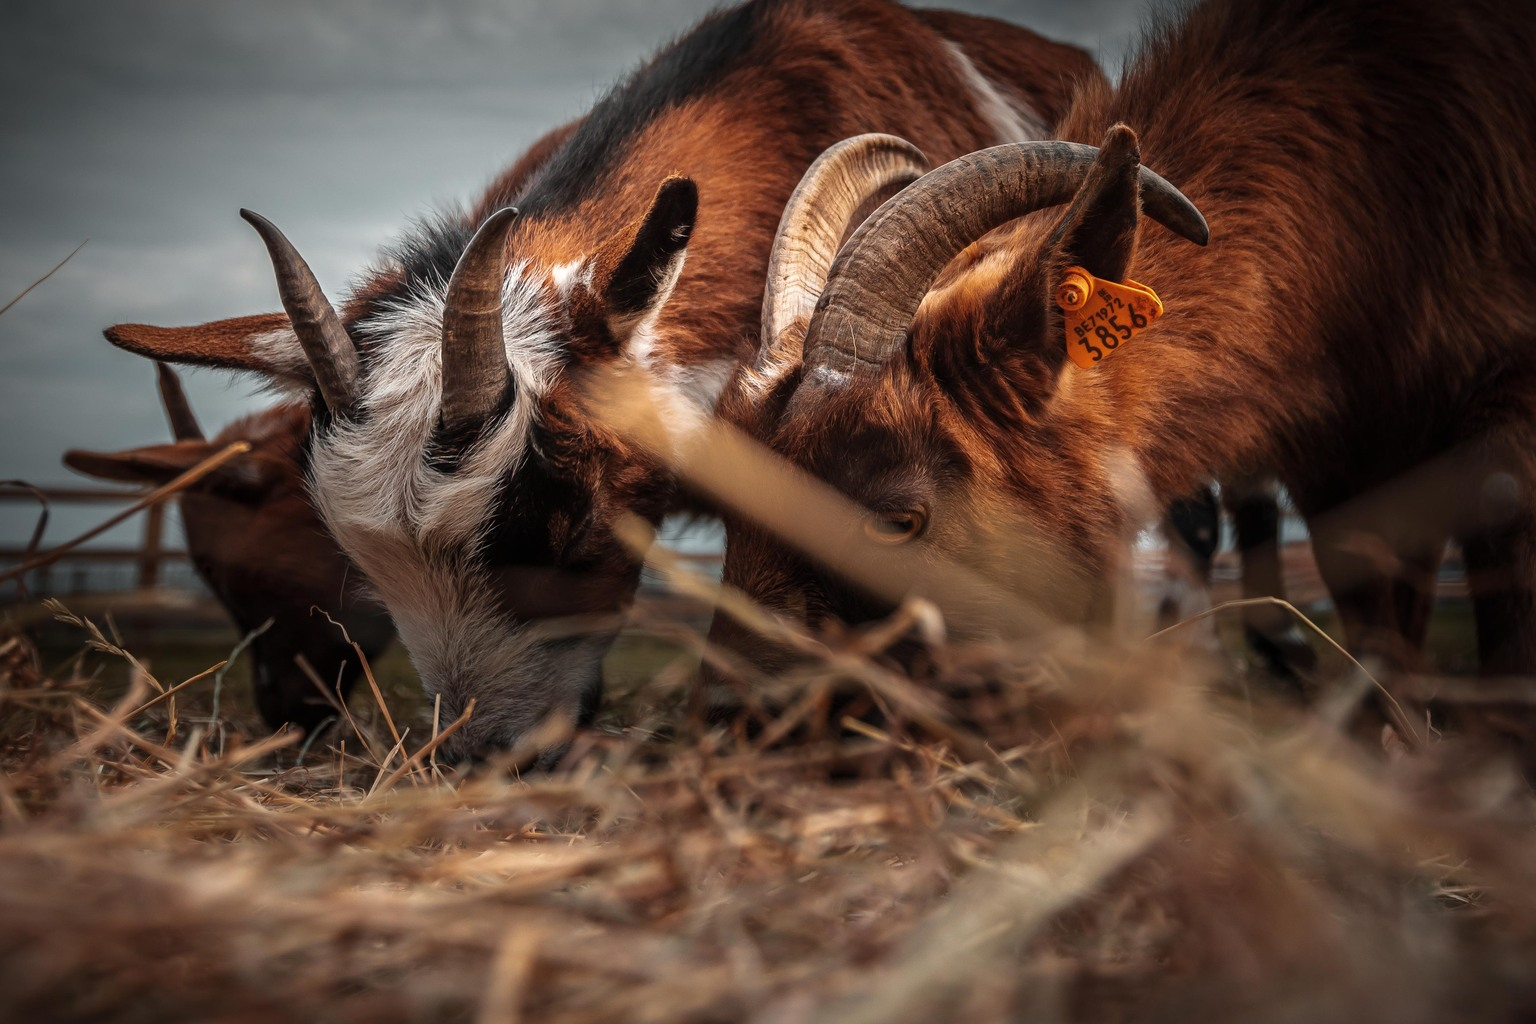 Eten - Een wat drukke foto met veel diepte. Zie ze genieten van het verse hooi! - foto door LaurensVermeyen op 12-04-2021 - deze foto bevat: geiten, hooi, grazen, kaak, lever, hoorn, fawn, terrestrische dieren, hout, snuit, antilope, grazen, staart